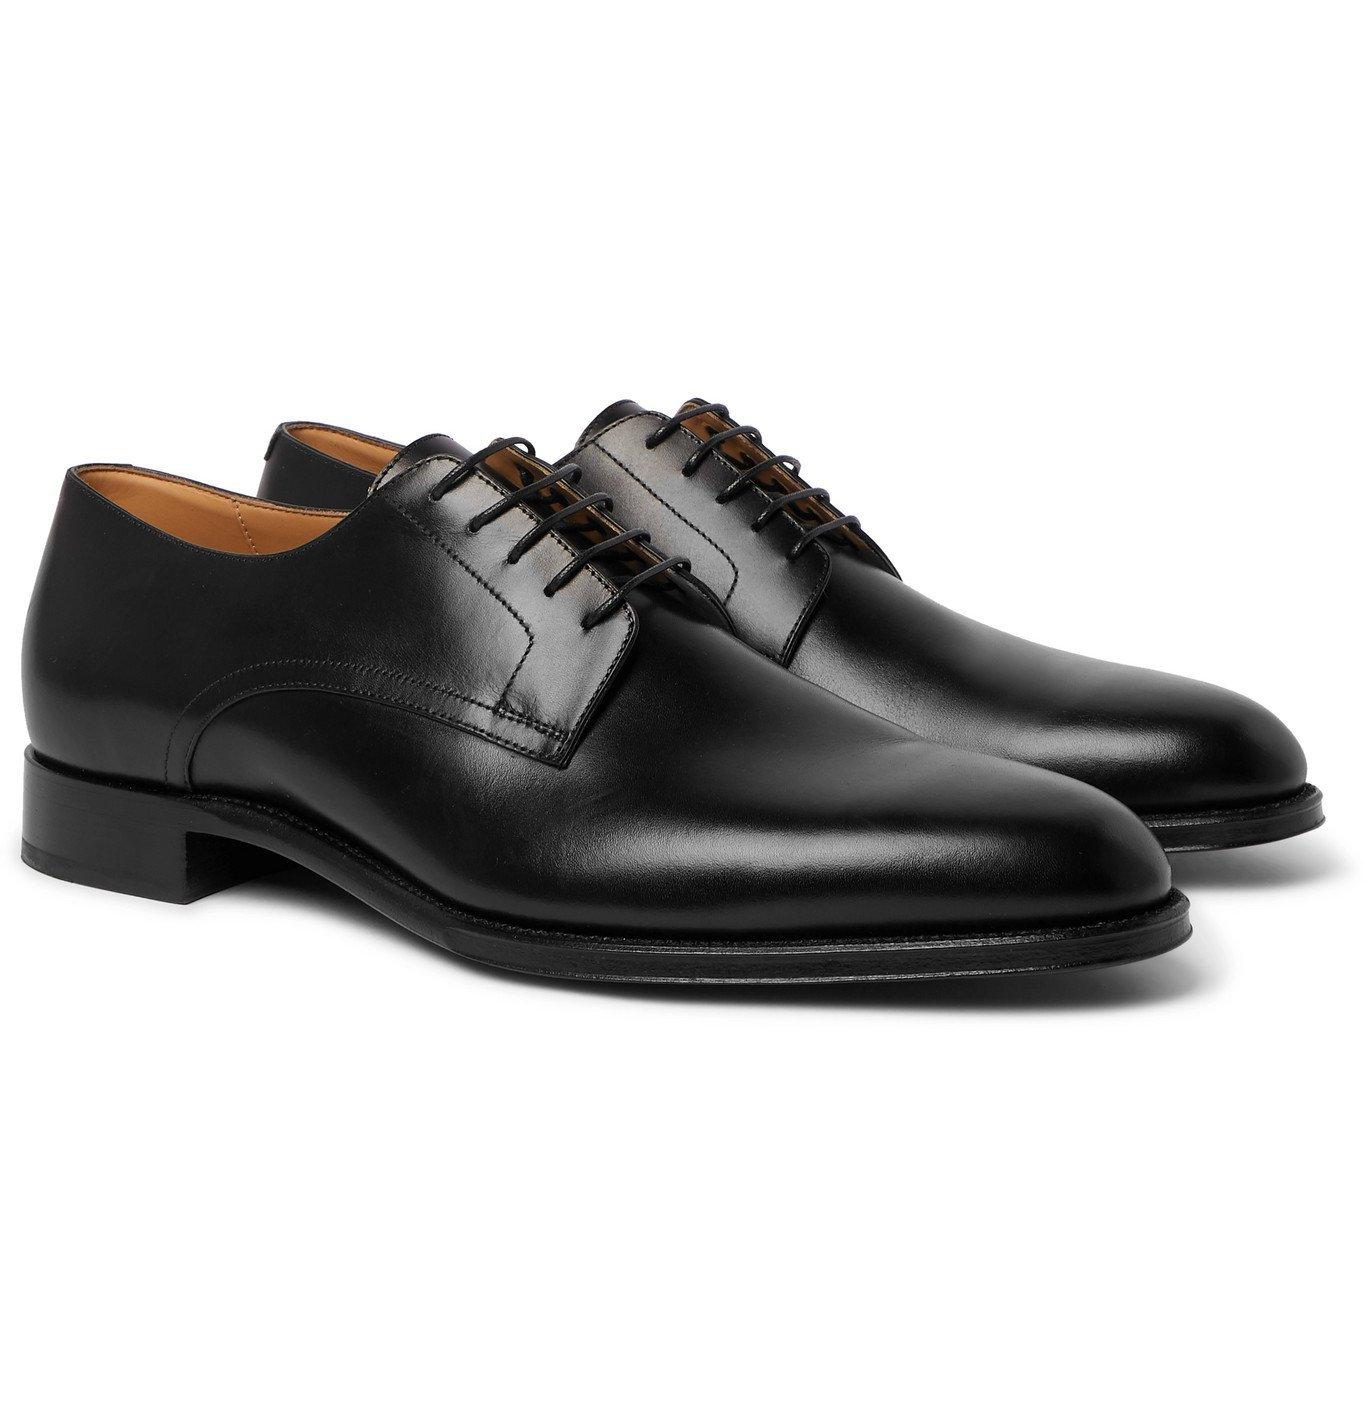 DUNHILL - Kensington Leather Derby Shoes - Black